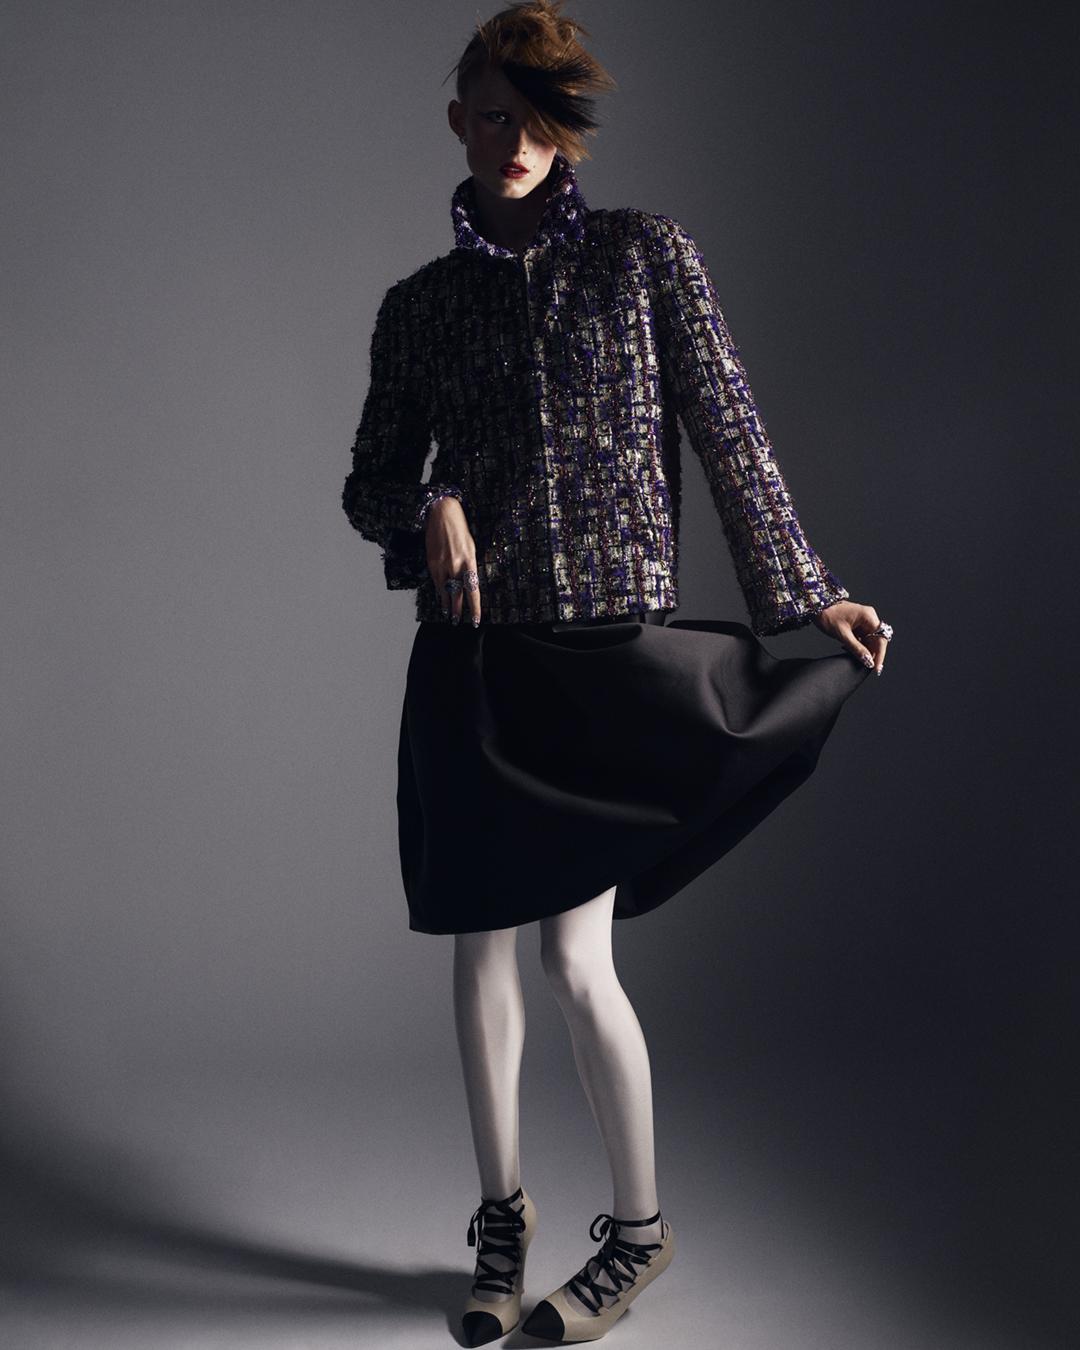 Chanel Haute Couture autunno inverno 2020